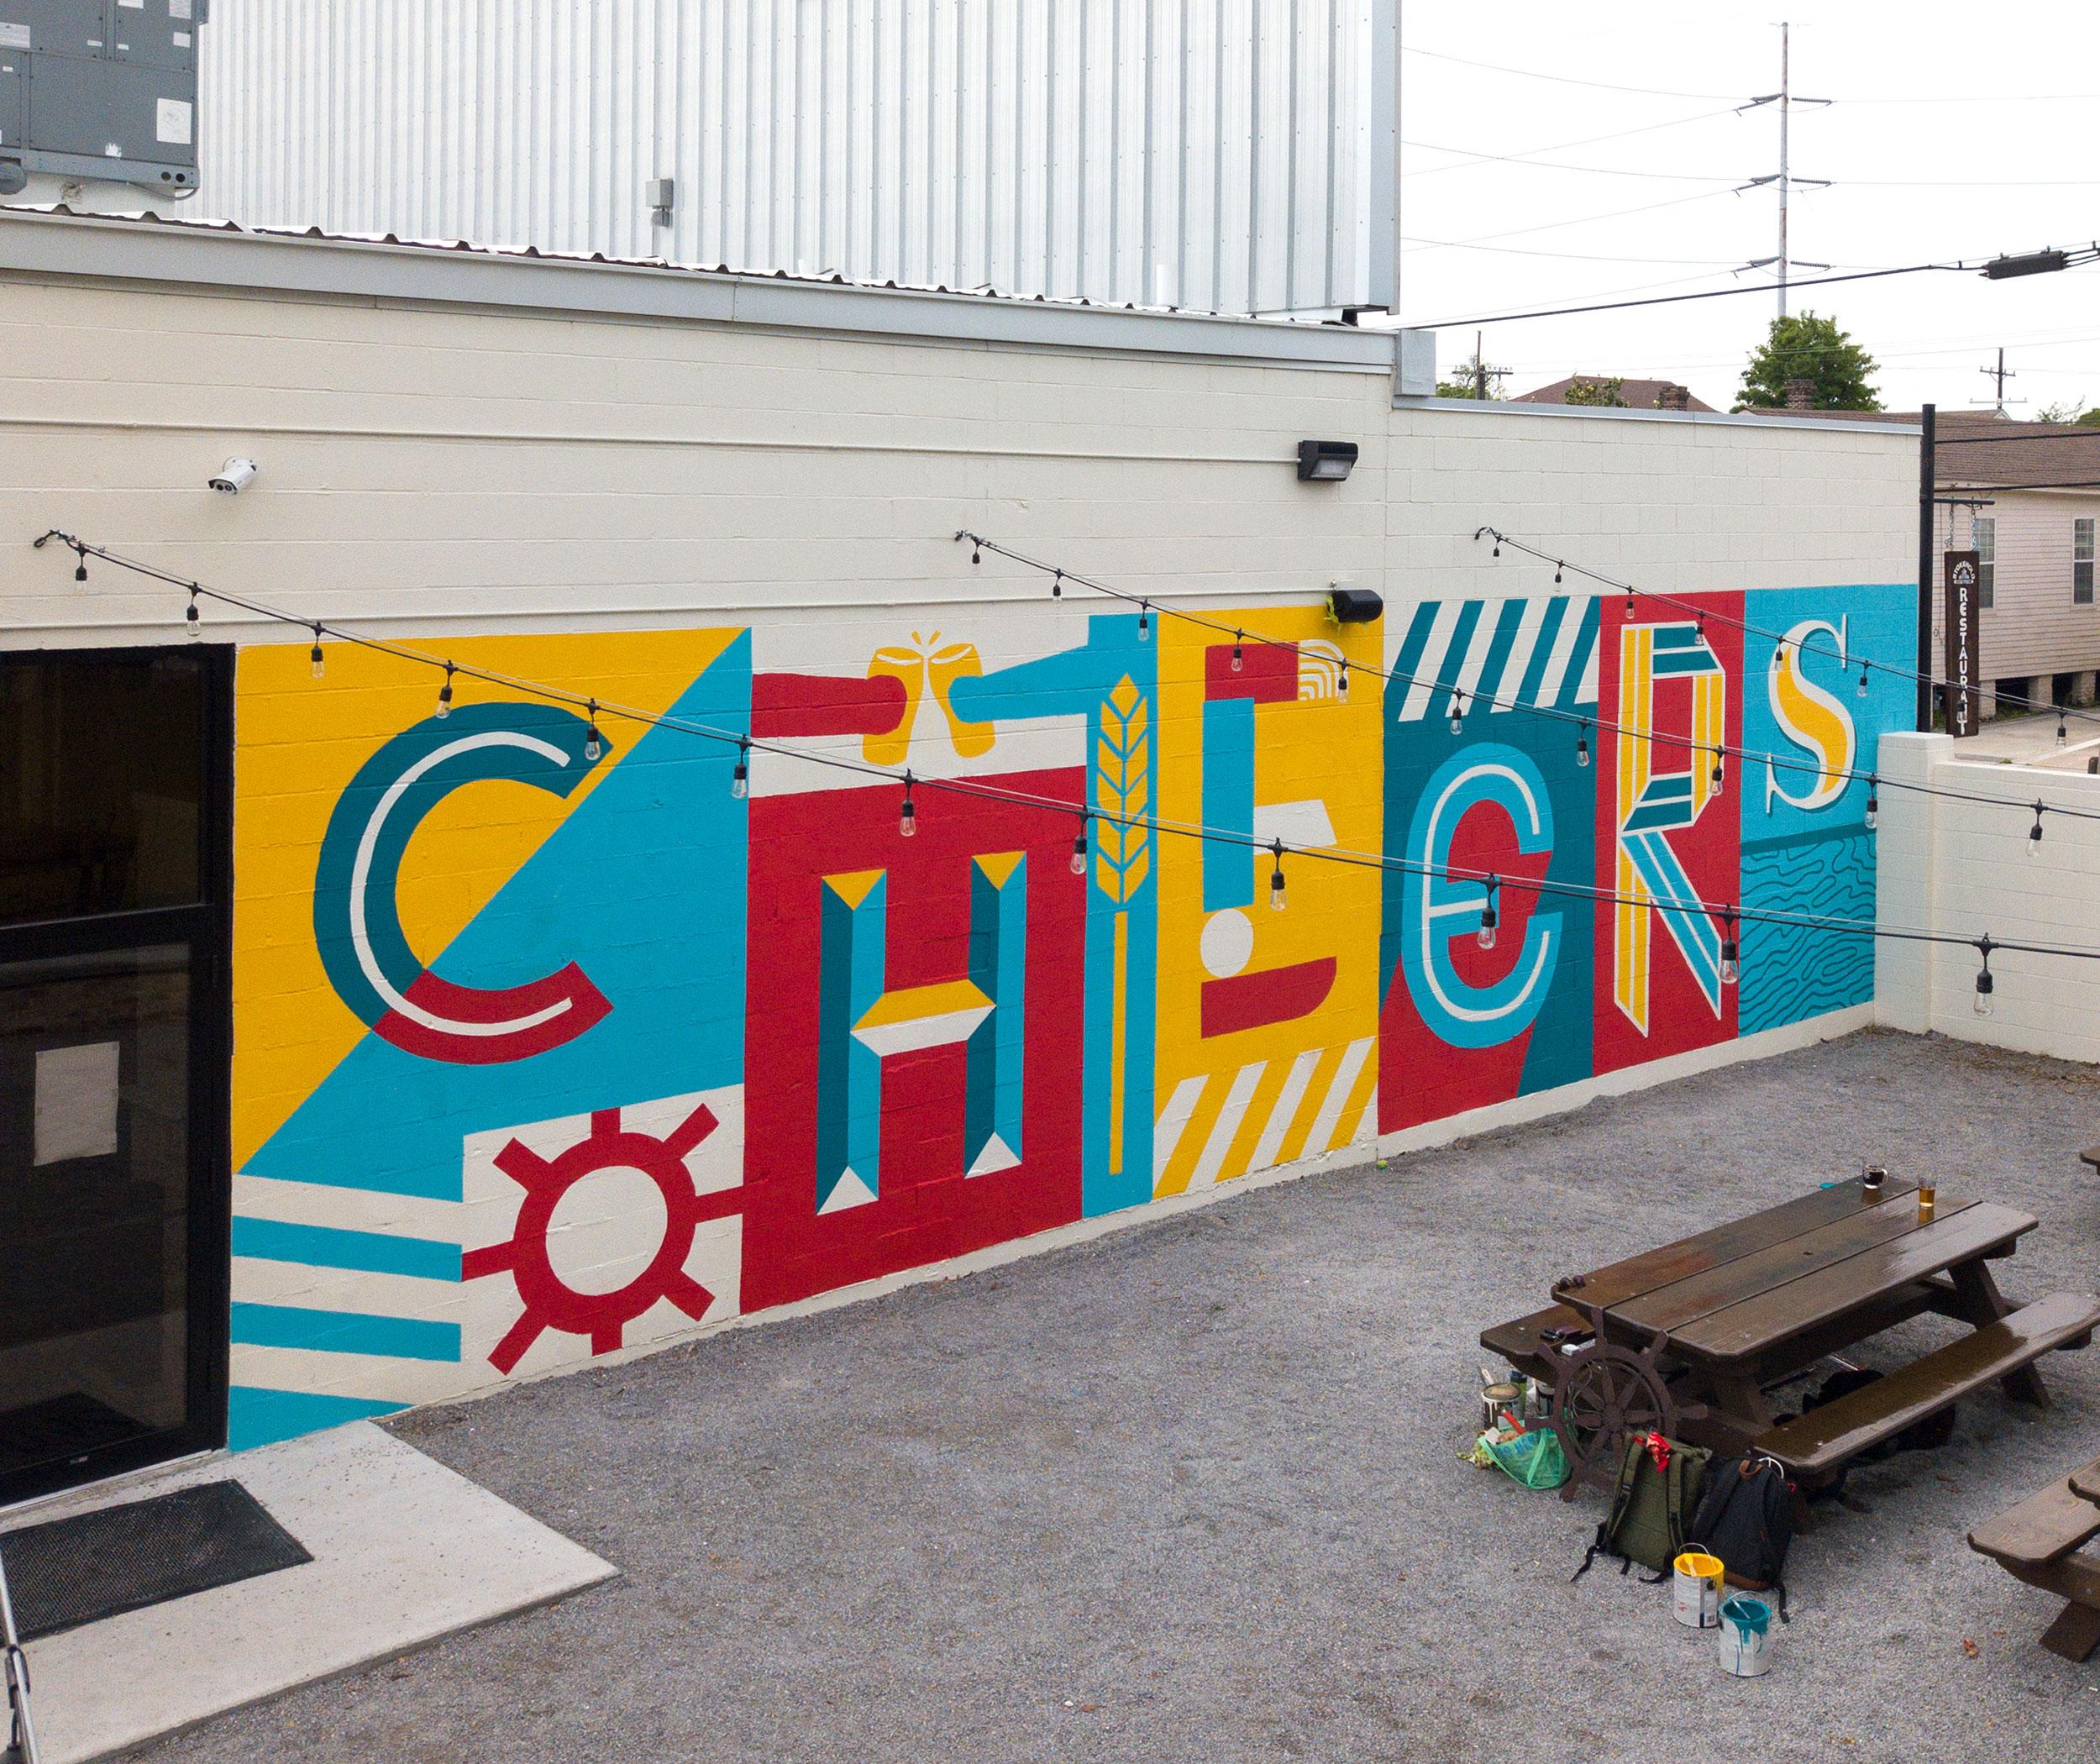 efdot_CHEERS-mural.jpg